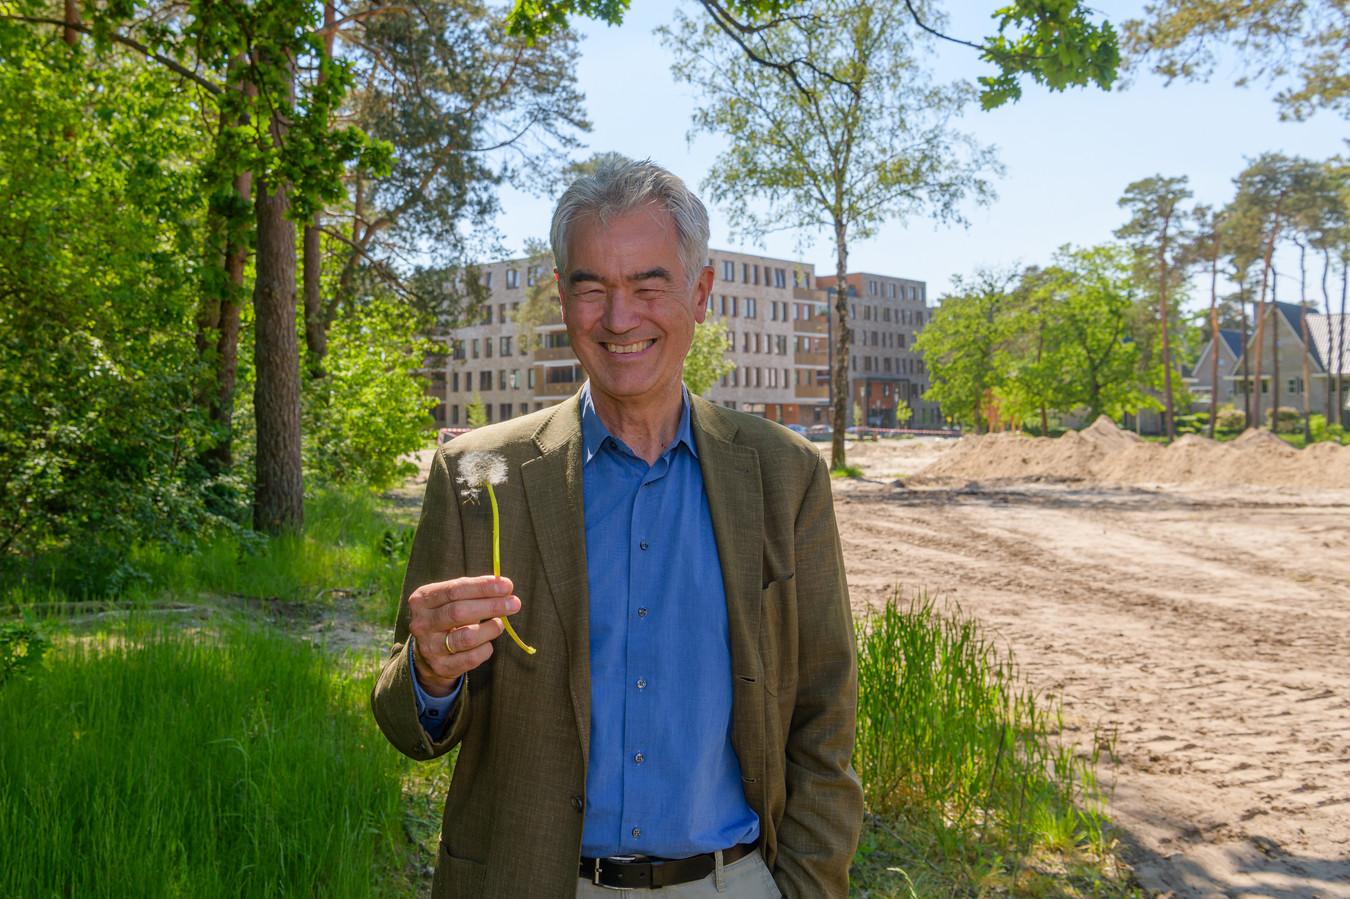 De leefomgeving vergroenen, dat is de missie van Harry Boeschoten (64), programmadirecteur Groene Metropool bij Staatsbosbeheer.